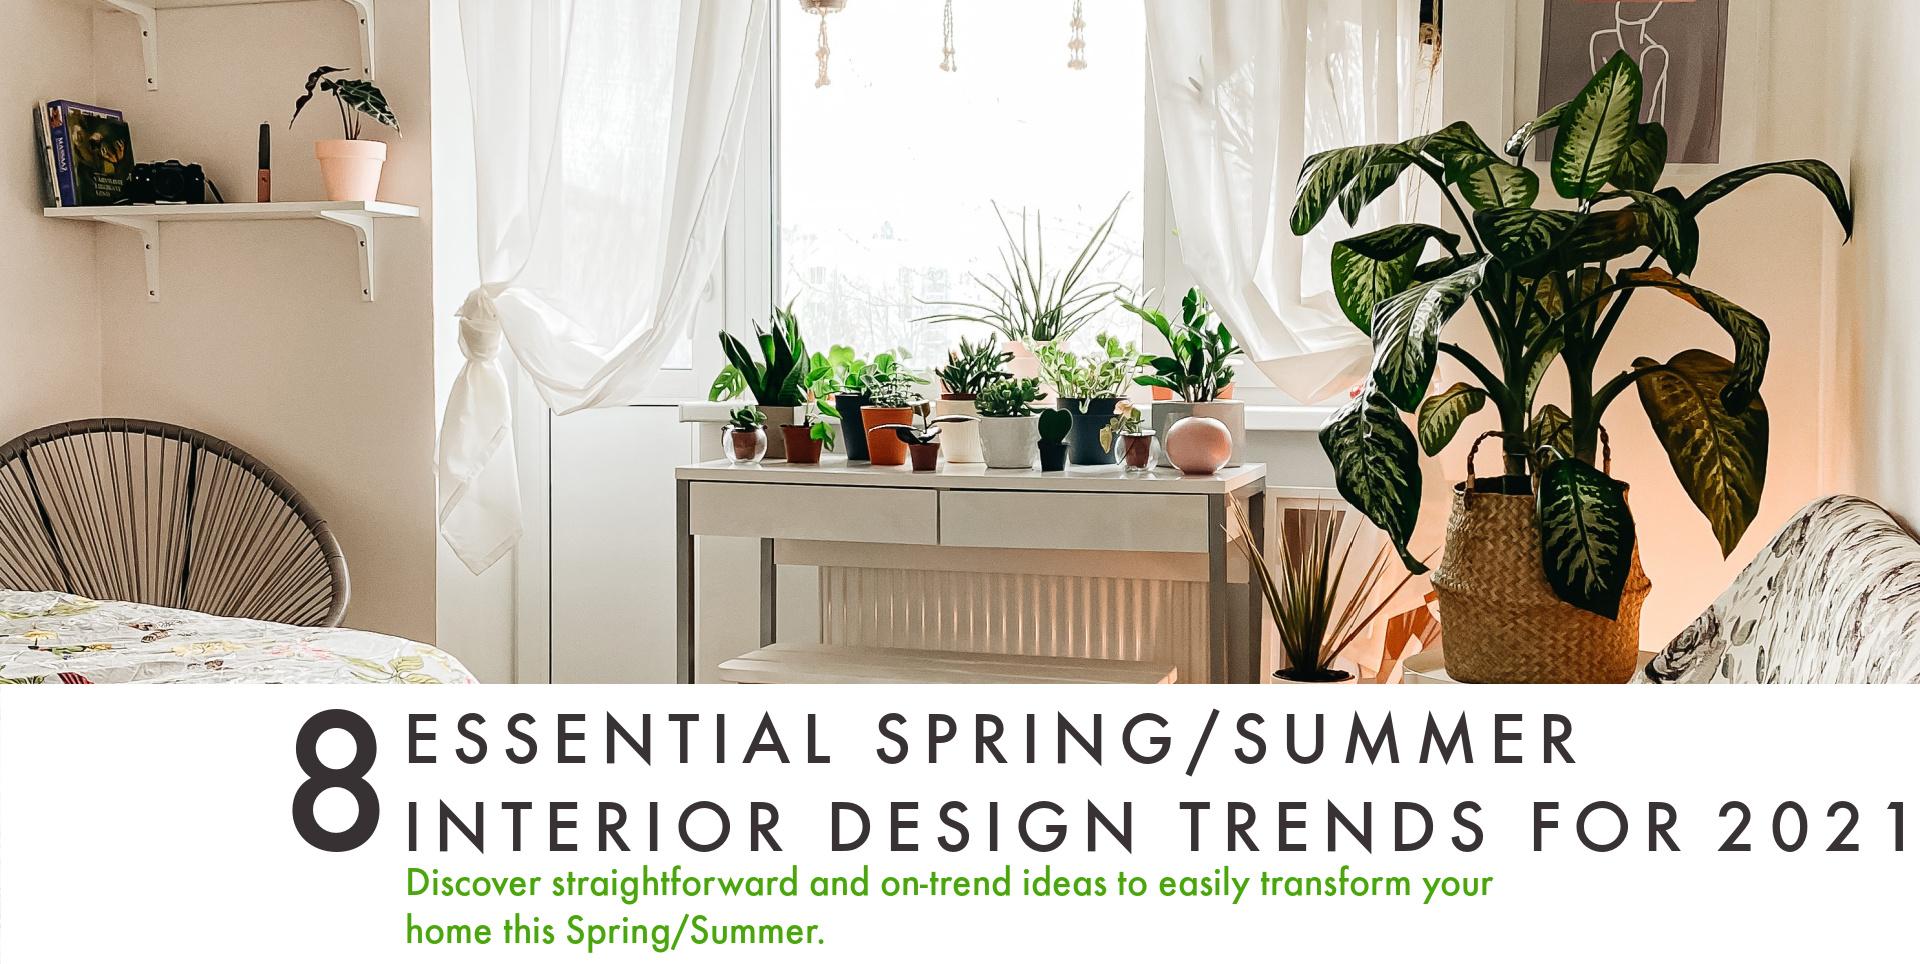 Autumn interior design trends and blind showcase